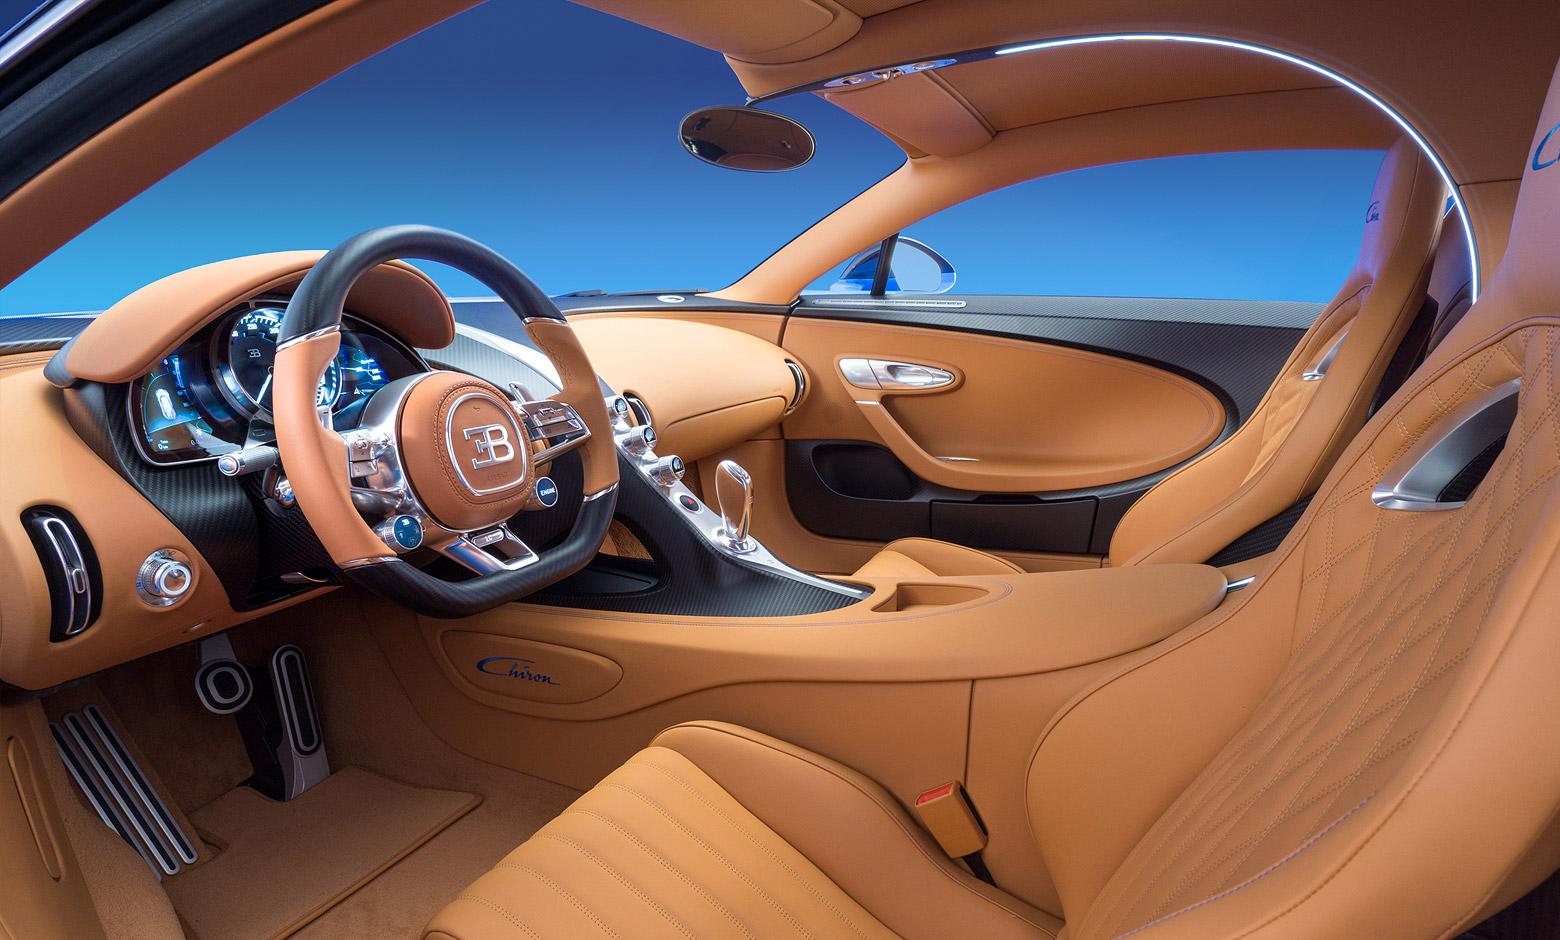 http://libymax.ru/wp-content/uploads/2016/03/Bugatti-Chiron-4.jpg